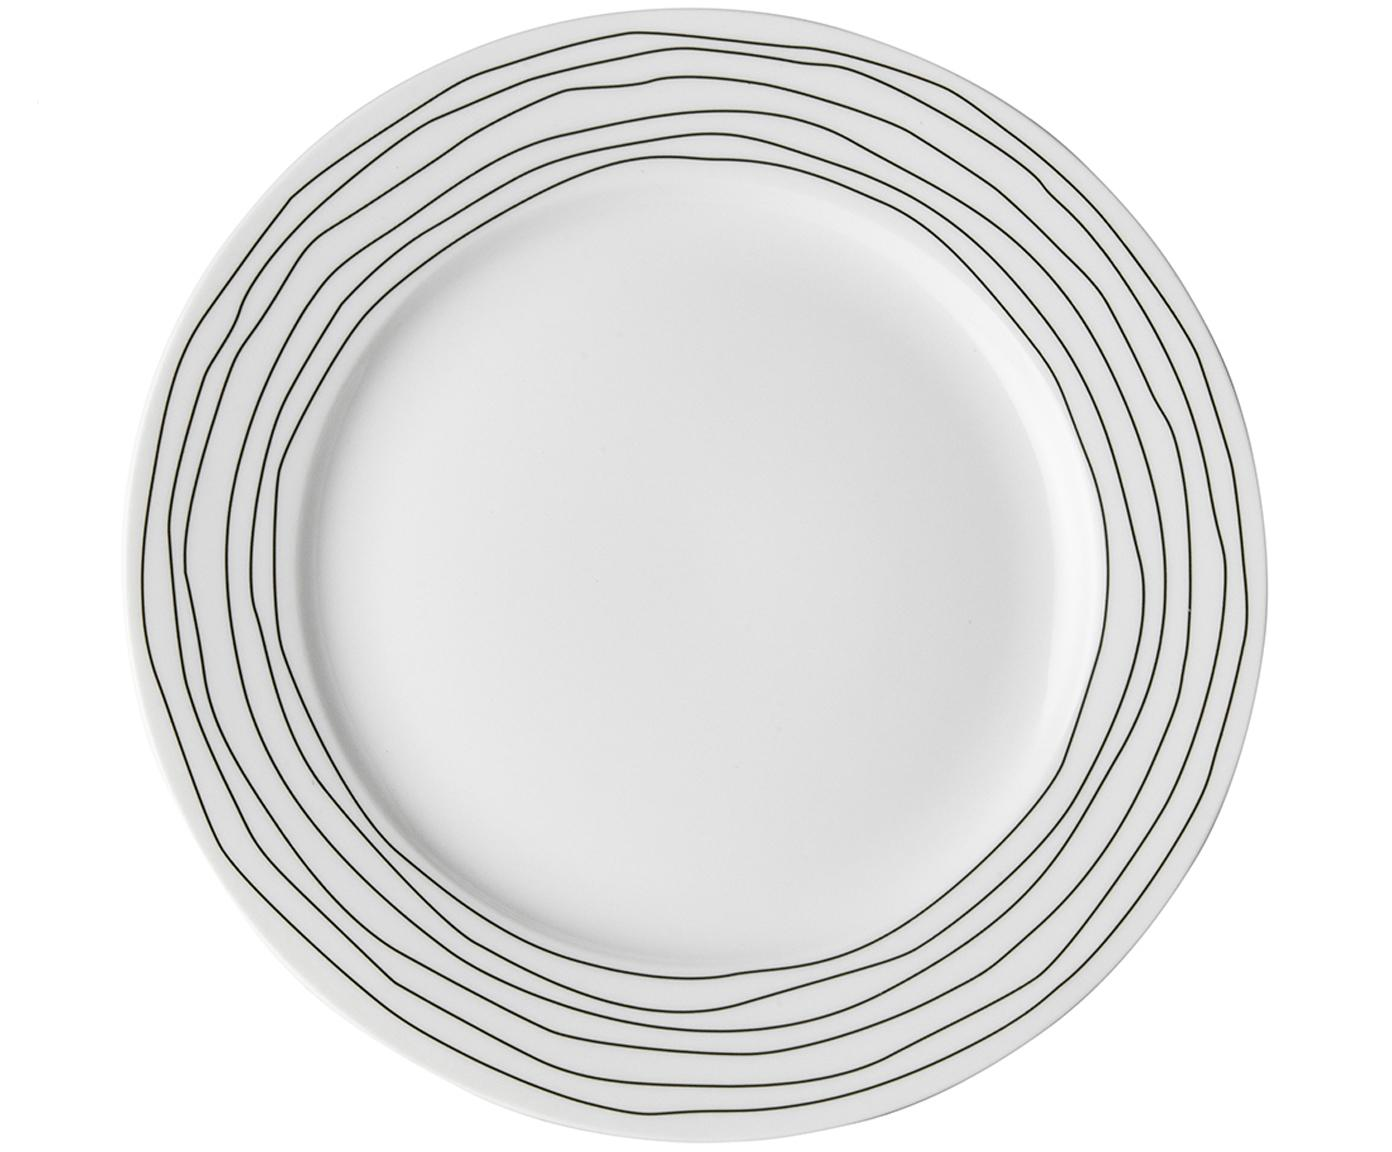 Frühstücksteller Eris Loft mit Liniendekor, 4 Stück, Porzellan, Weiss, Schwarz, Ø 21 x H 2 cm